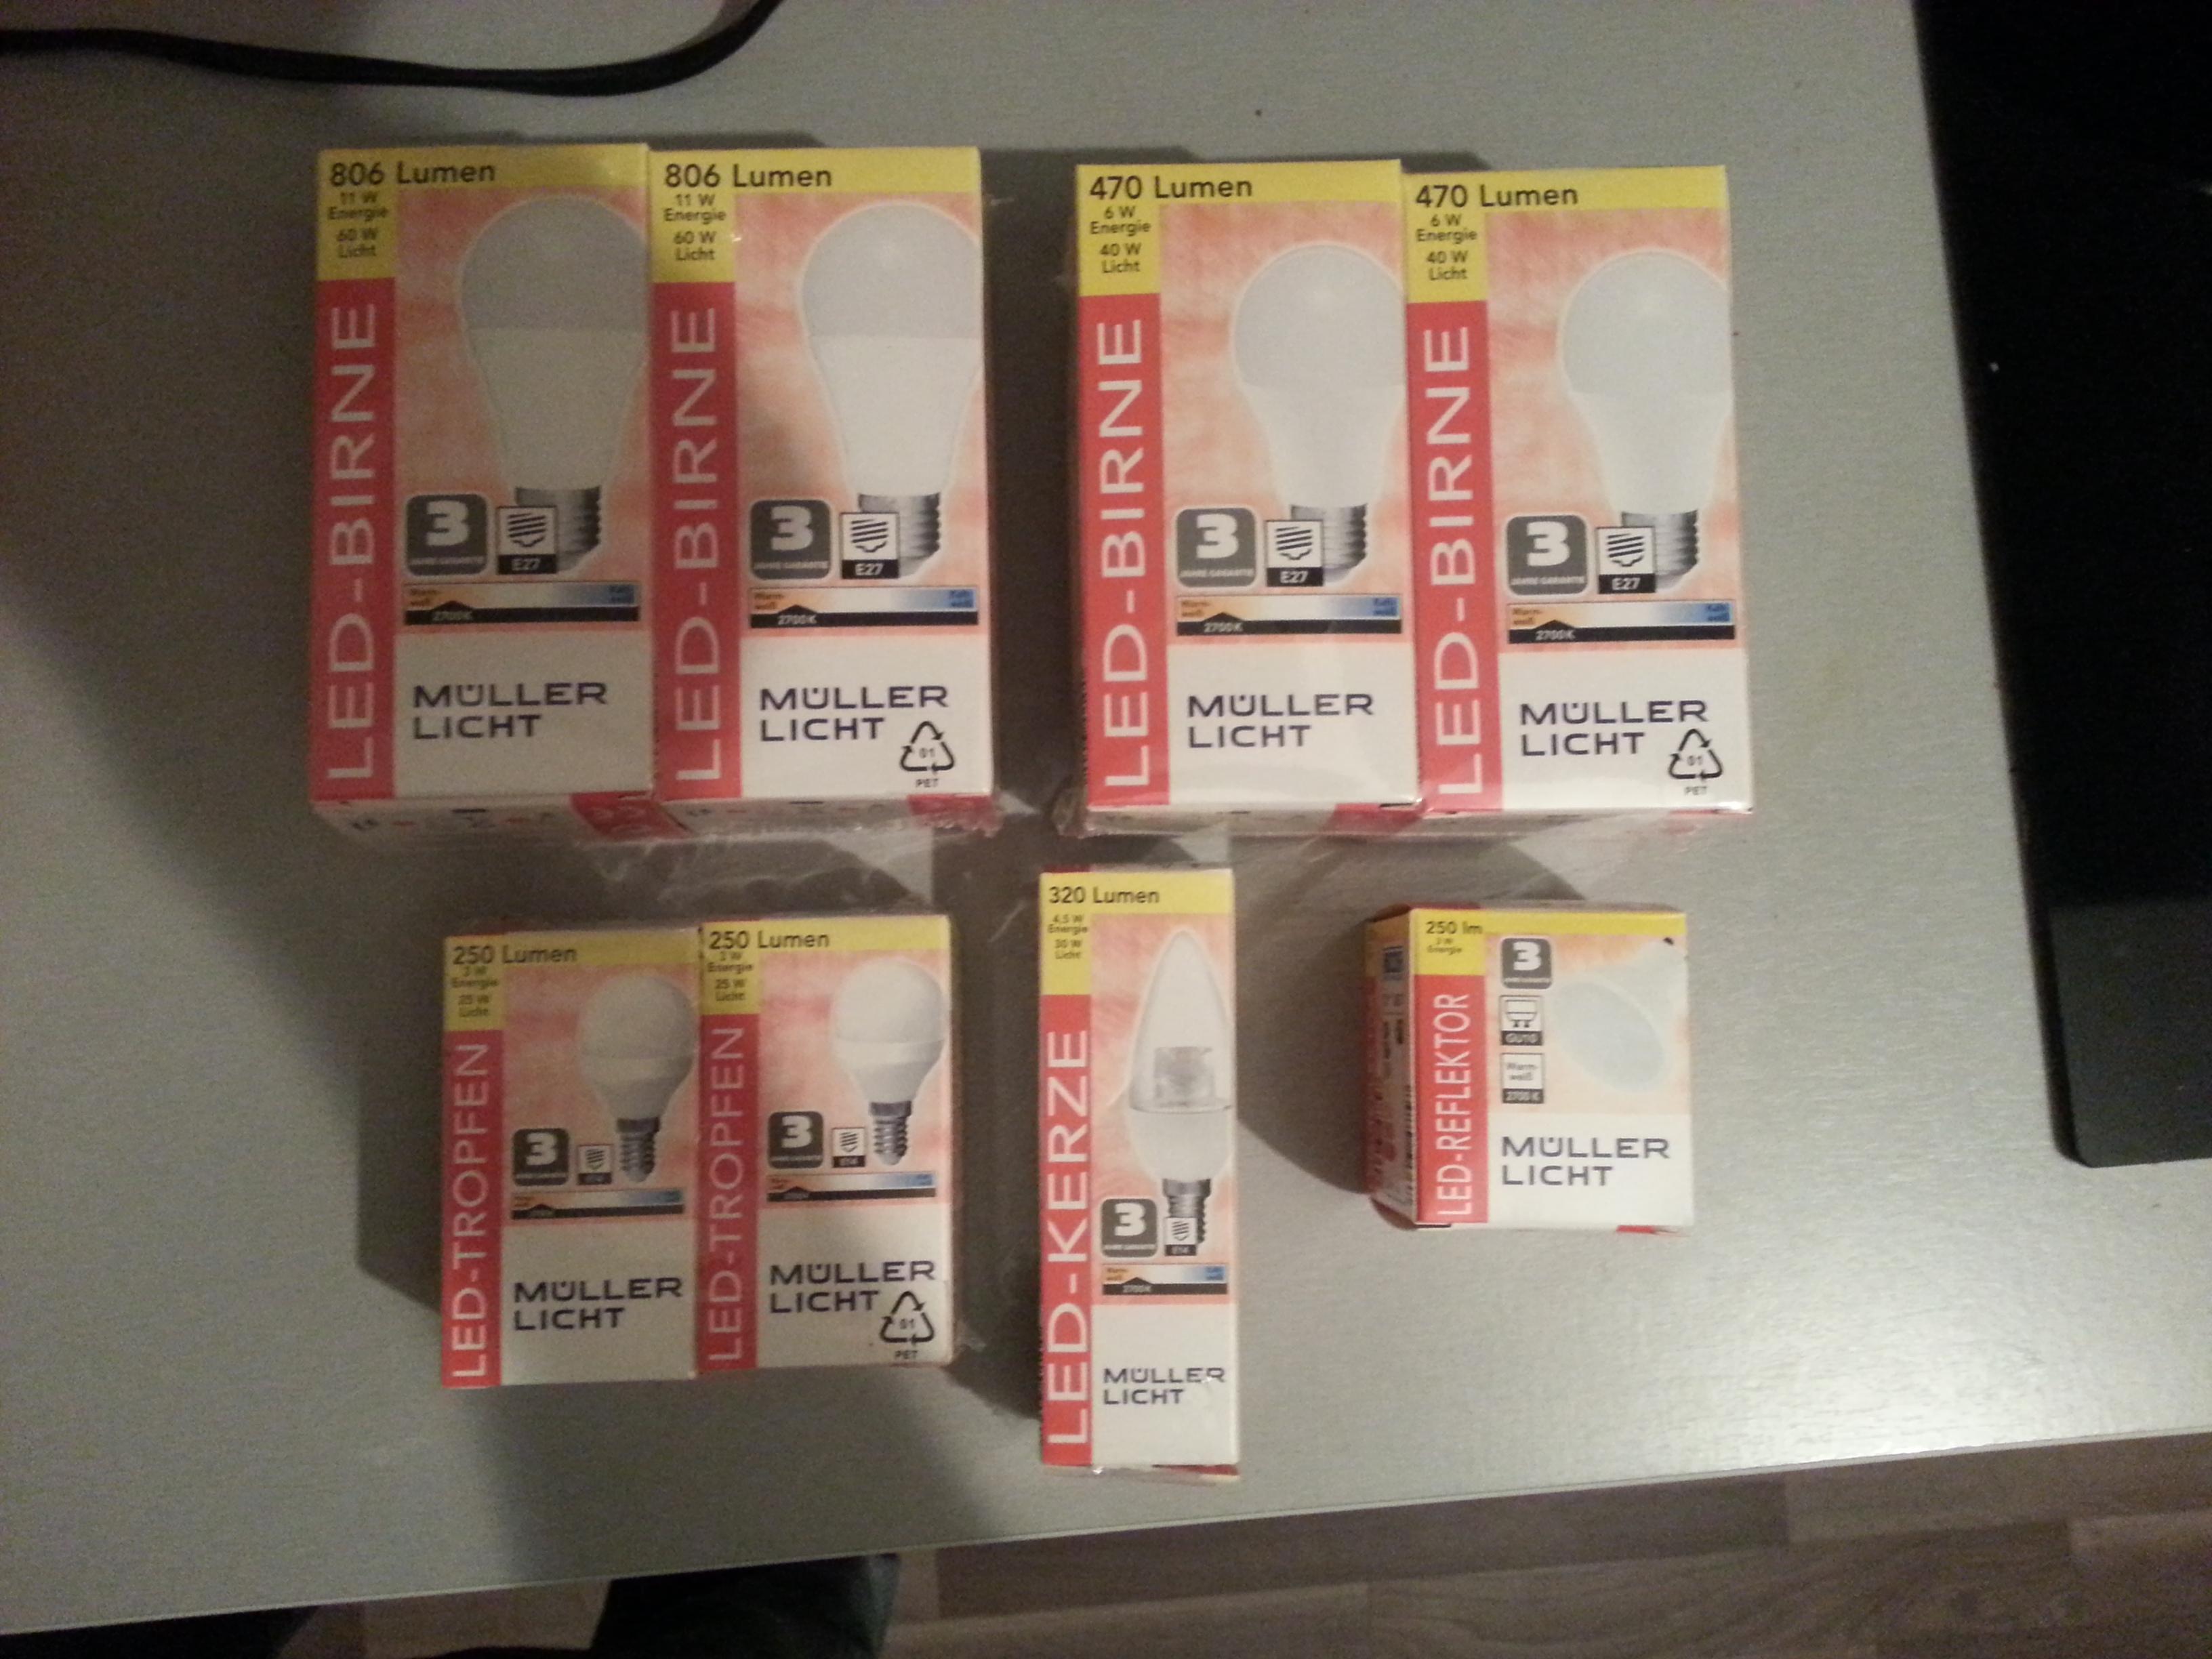 [Lokal??] Aldi-Süd hat verschiedene LED-Leuchtmittel    2 Stück für 1,99 Euro!!!!